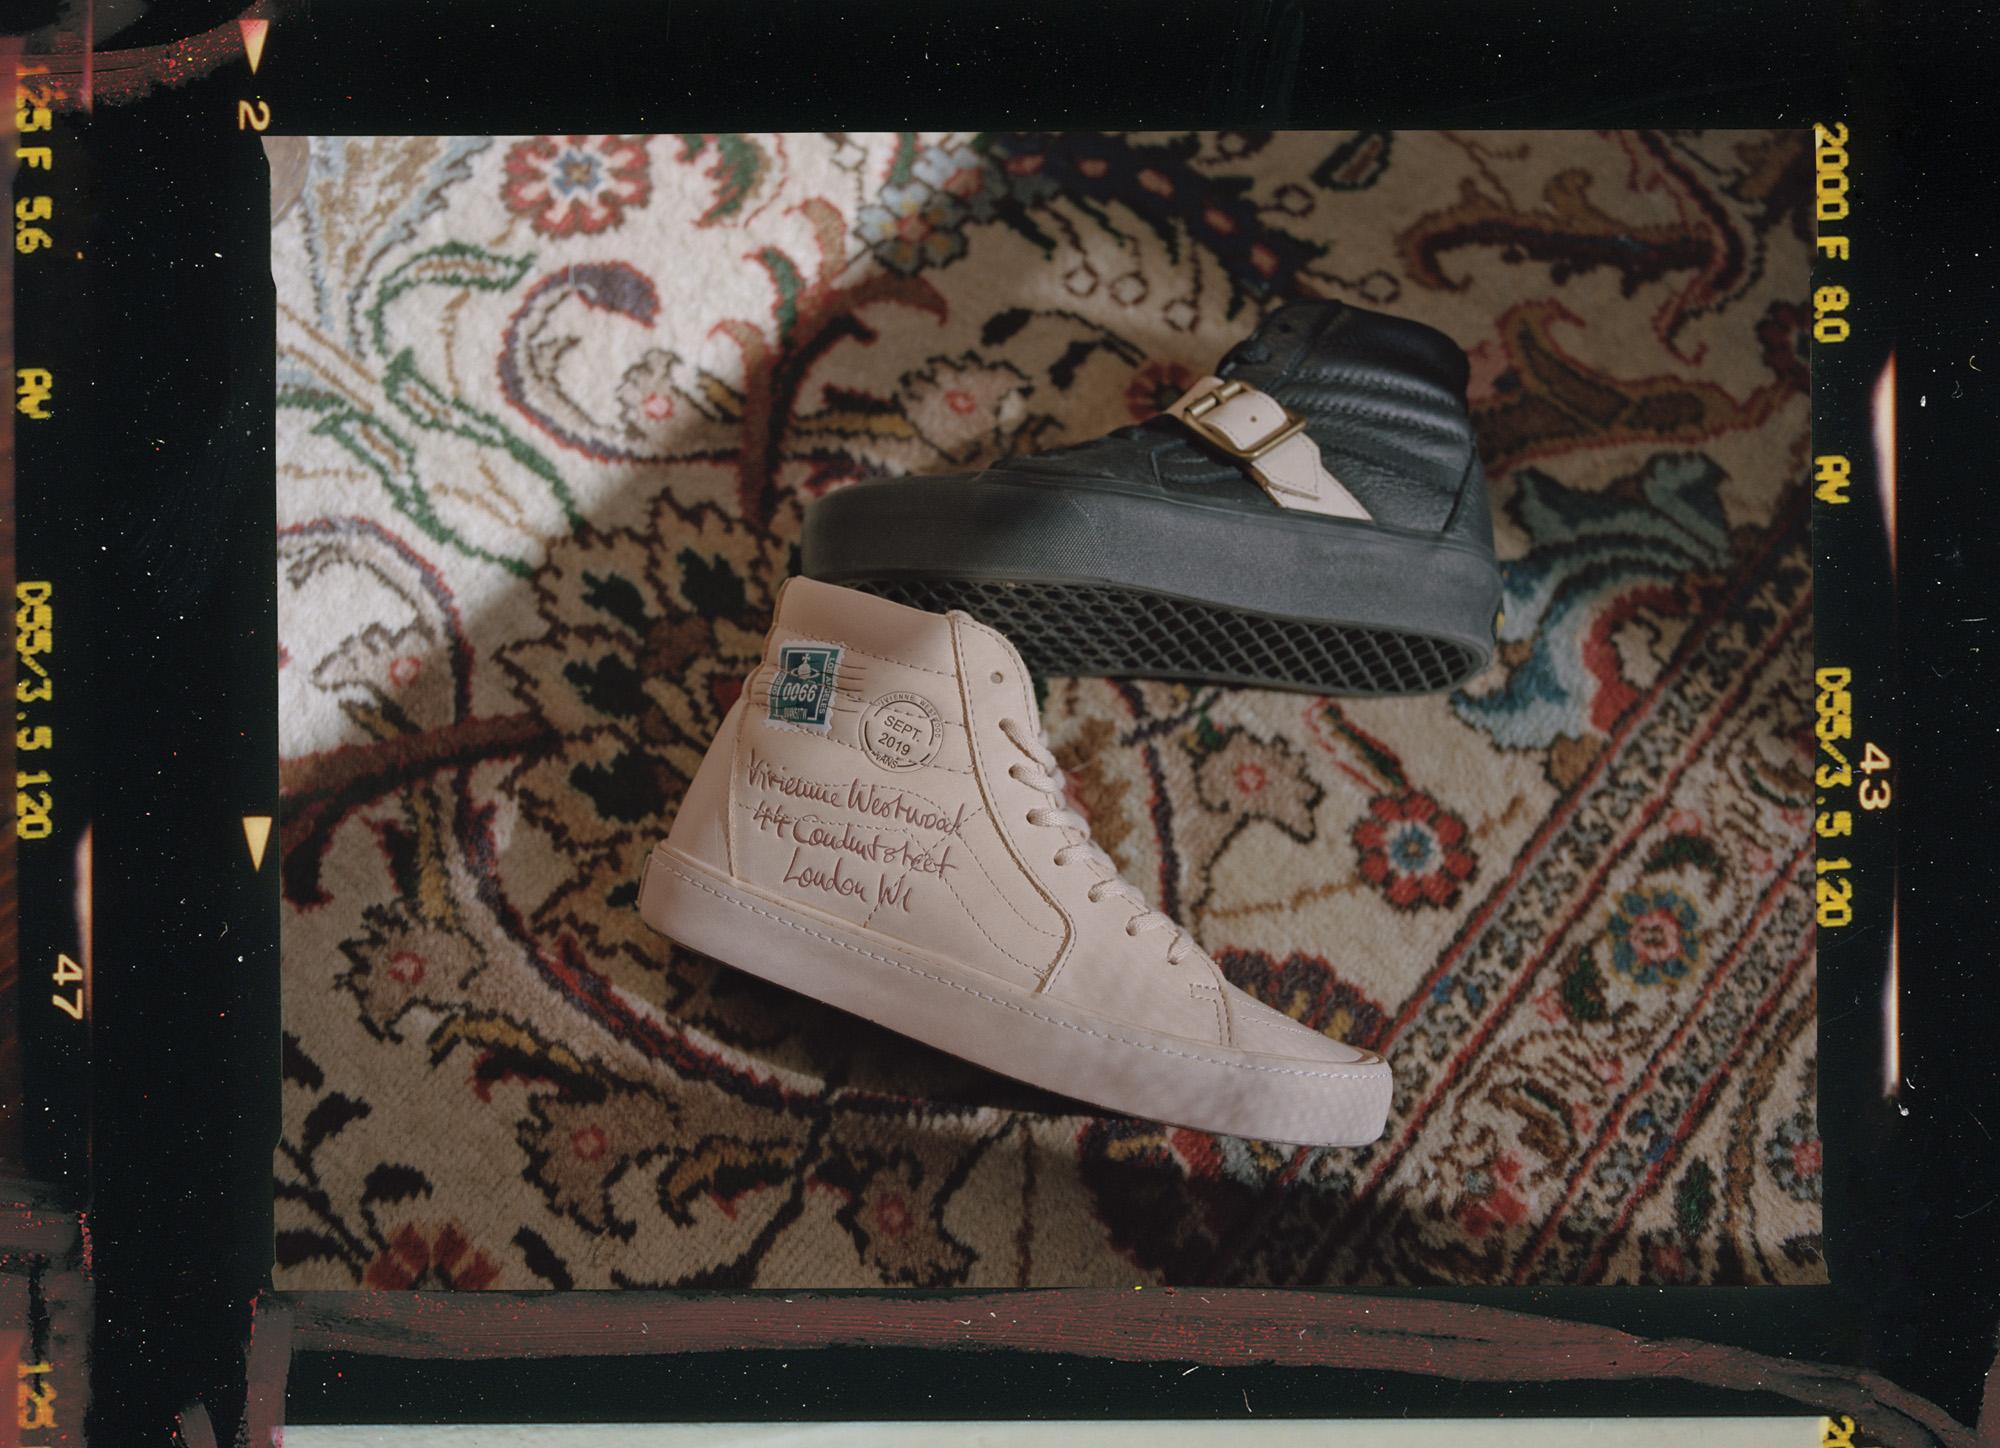 Vivienne Westwood reinterprets iconic Vans models